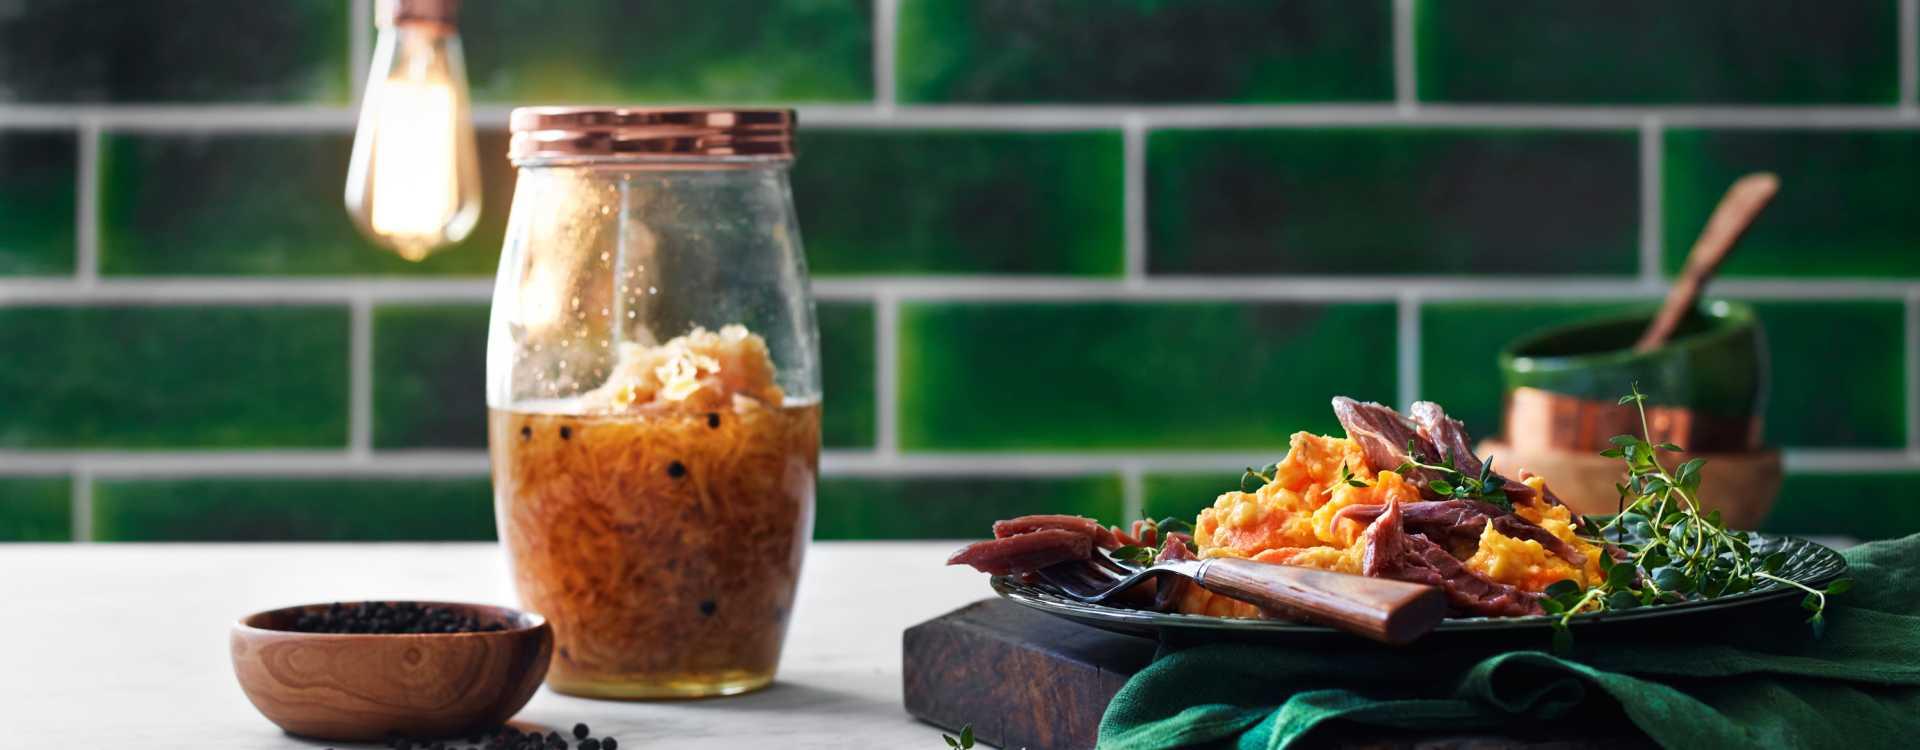 Kokt svineknoke med glatt rotmos og syltet persillerot